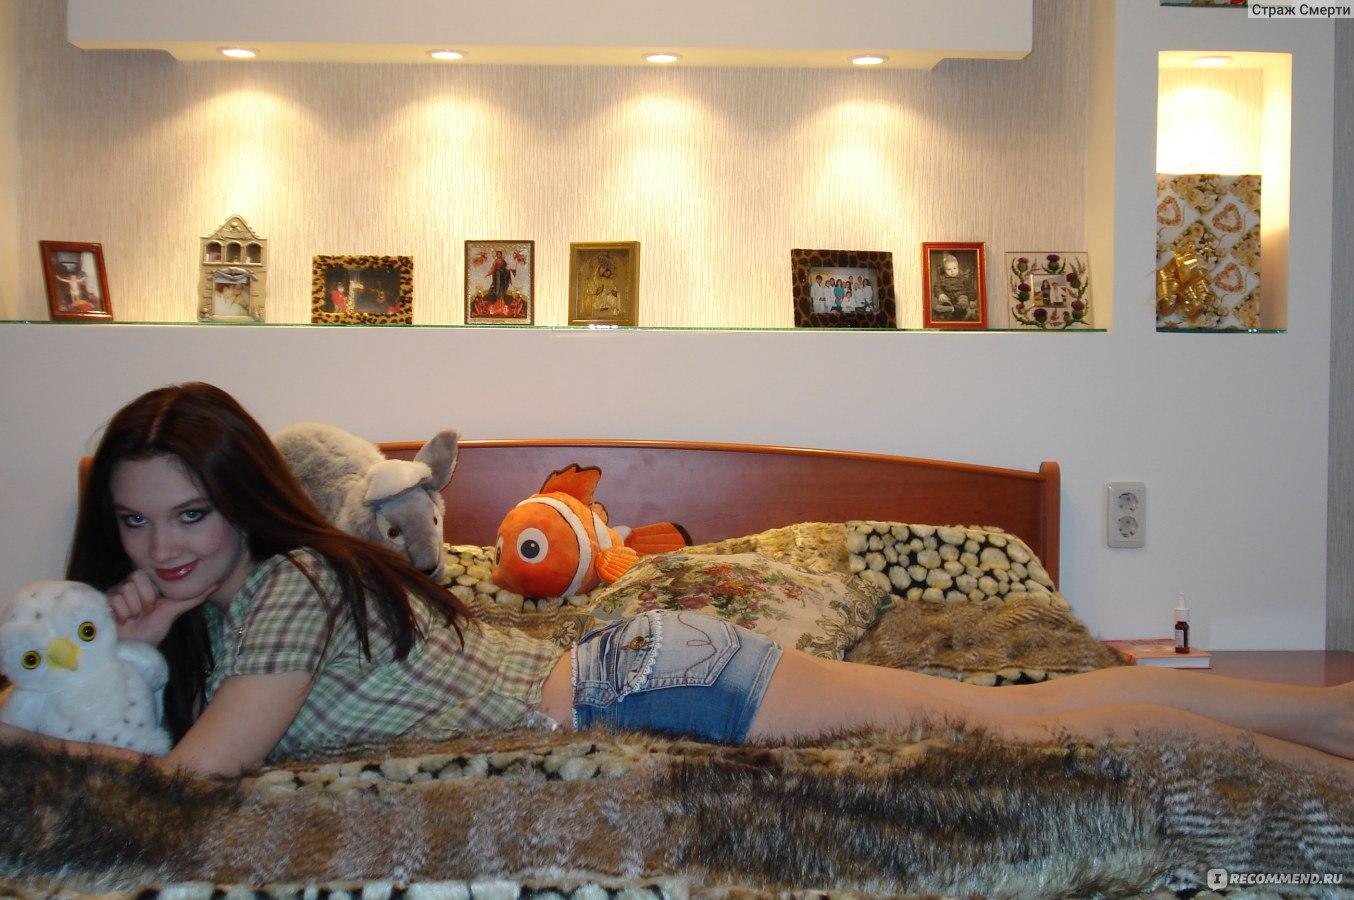 Польза аквааэробики для похудения отзывы